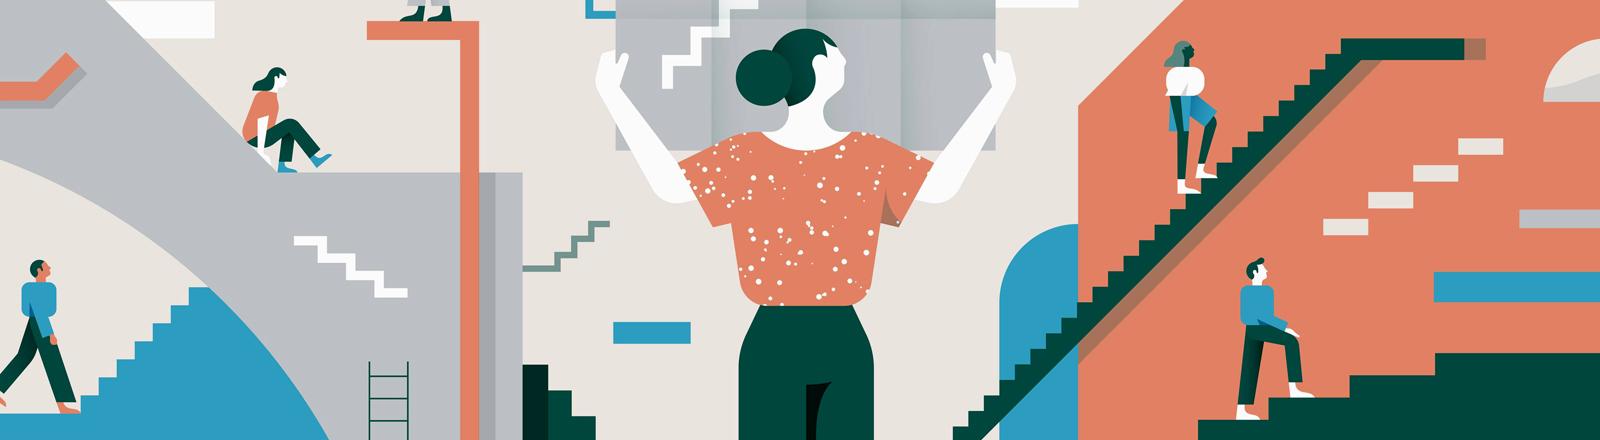 Frauen auf der Karriereleiter